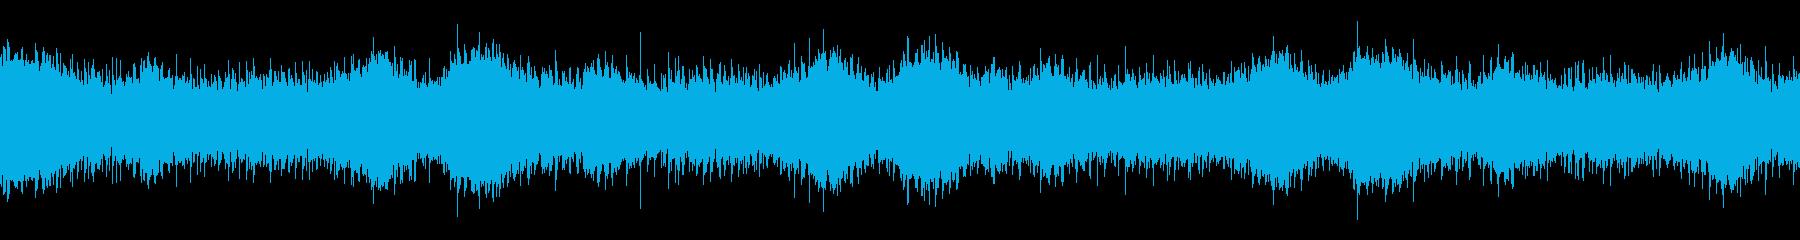 氷の洞窟を感じさせるアンビエント曲の再生済みの波形